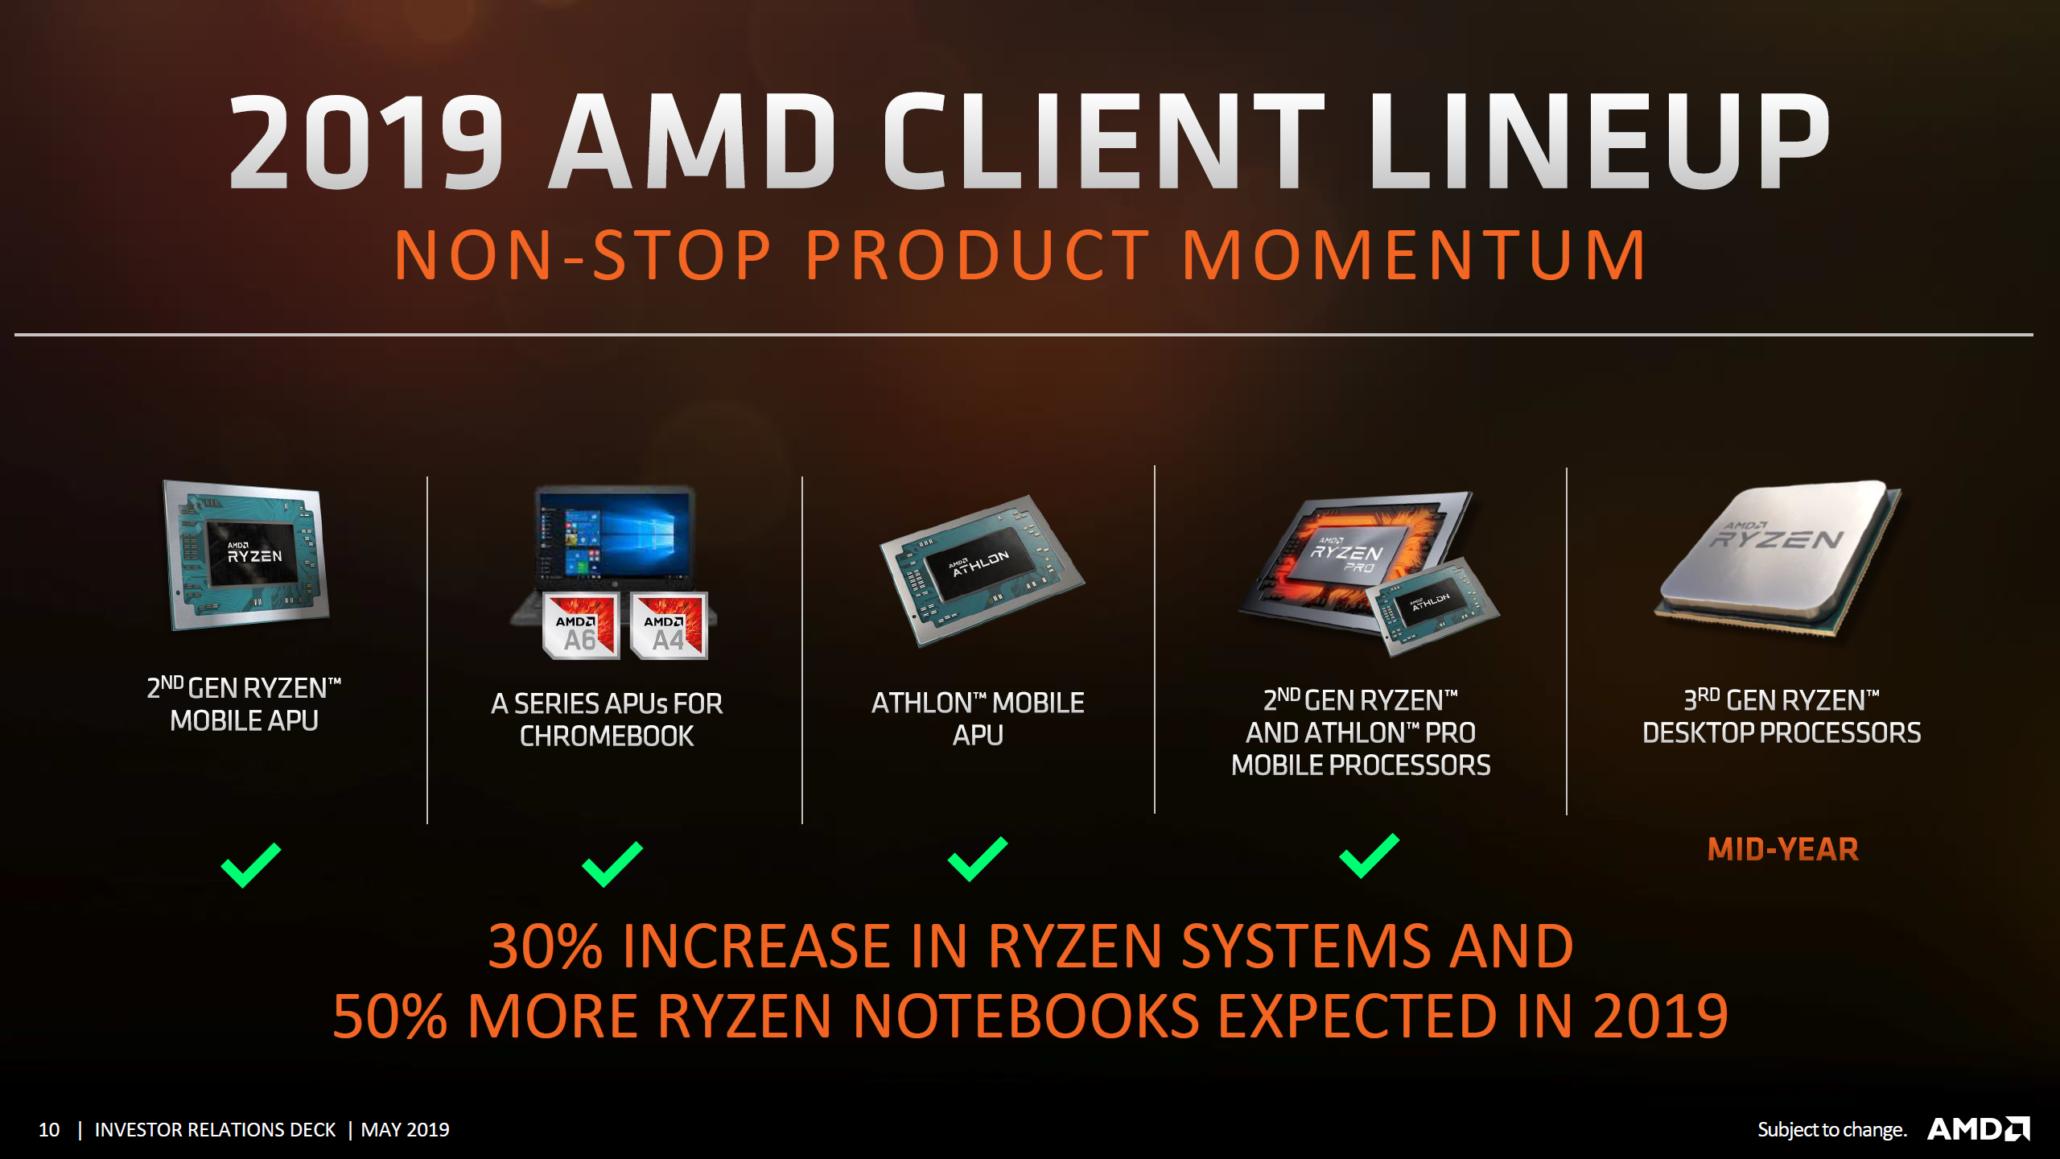 AMD Ryzen Threadripper 3000, 7nm Zen 2 HEDT CPUs, Possibly